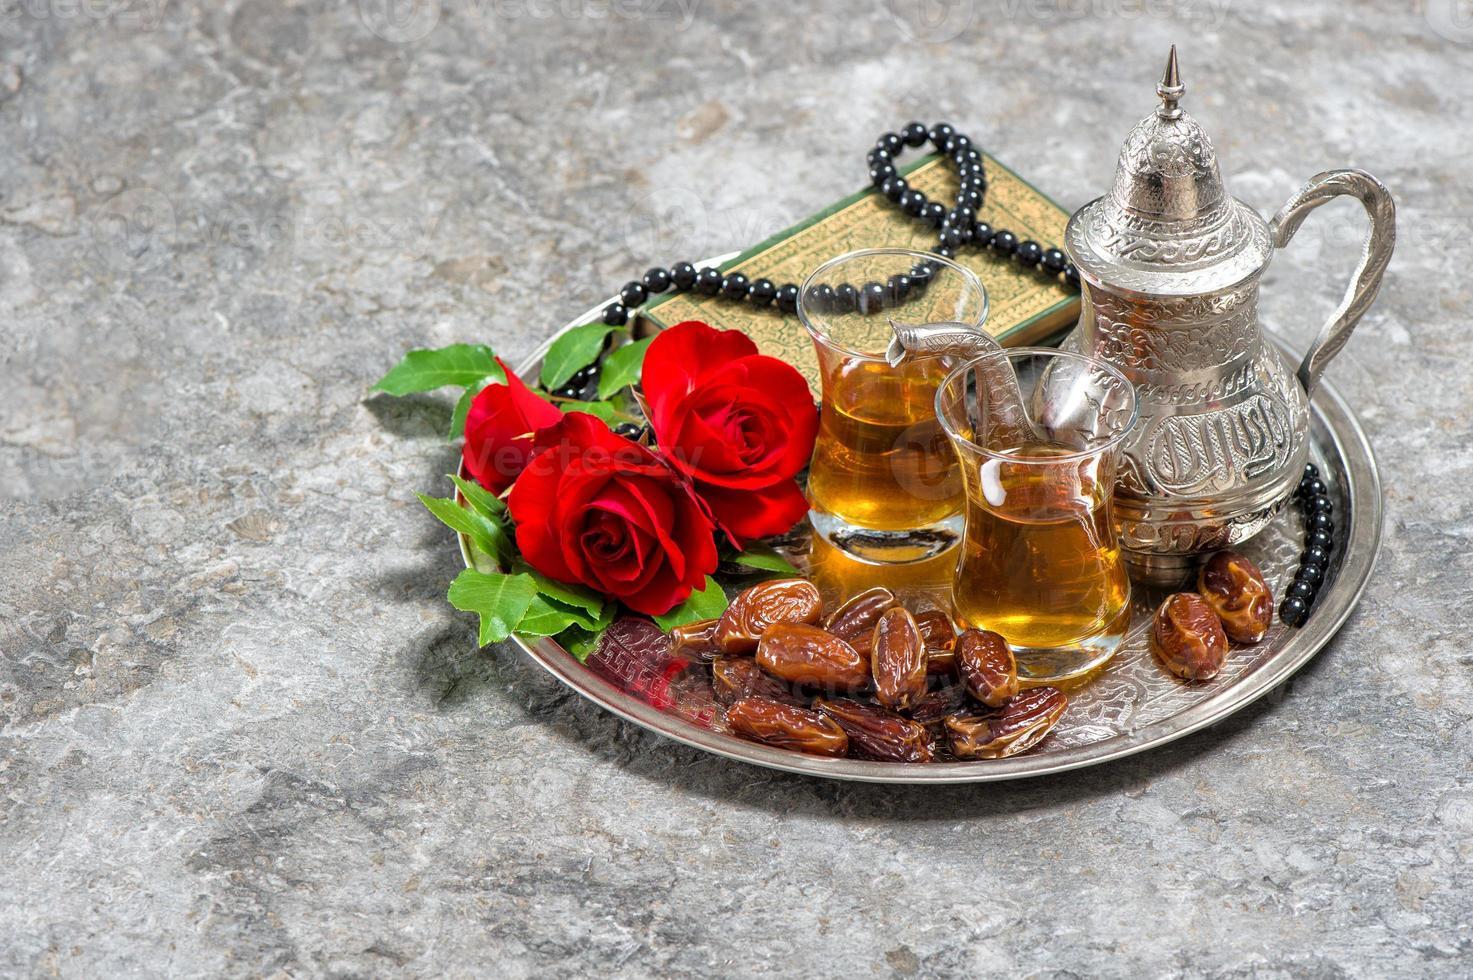 thé, fruits de dattes, fleur rose rouge photo